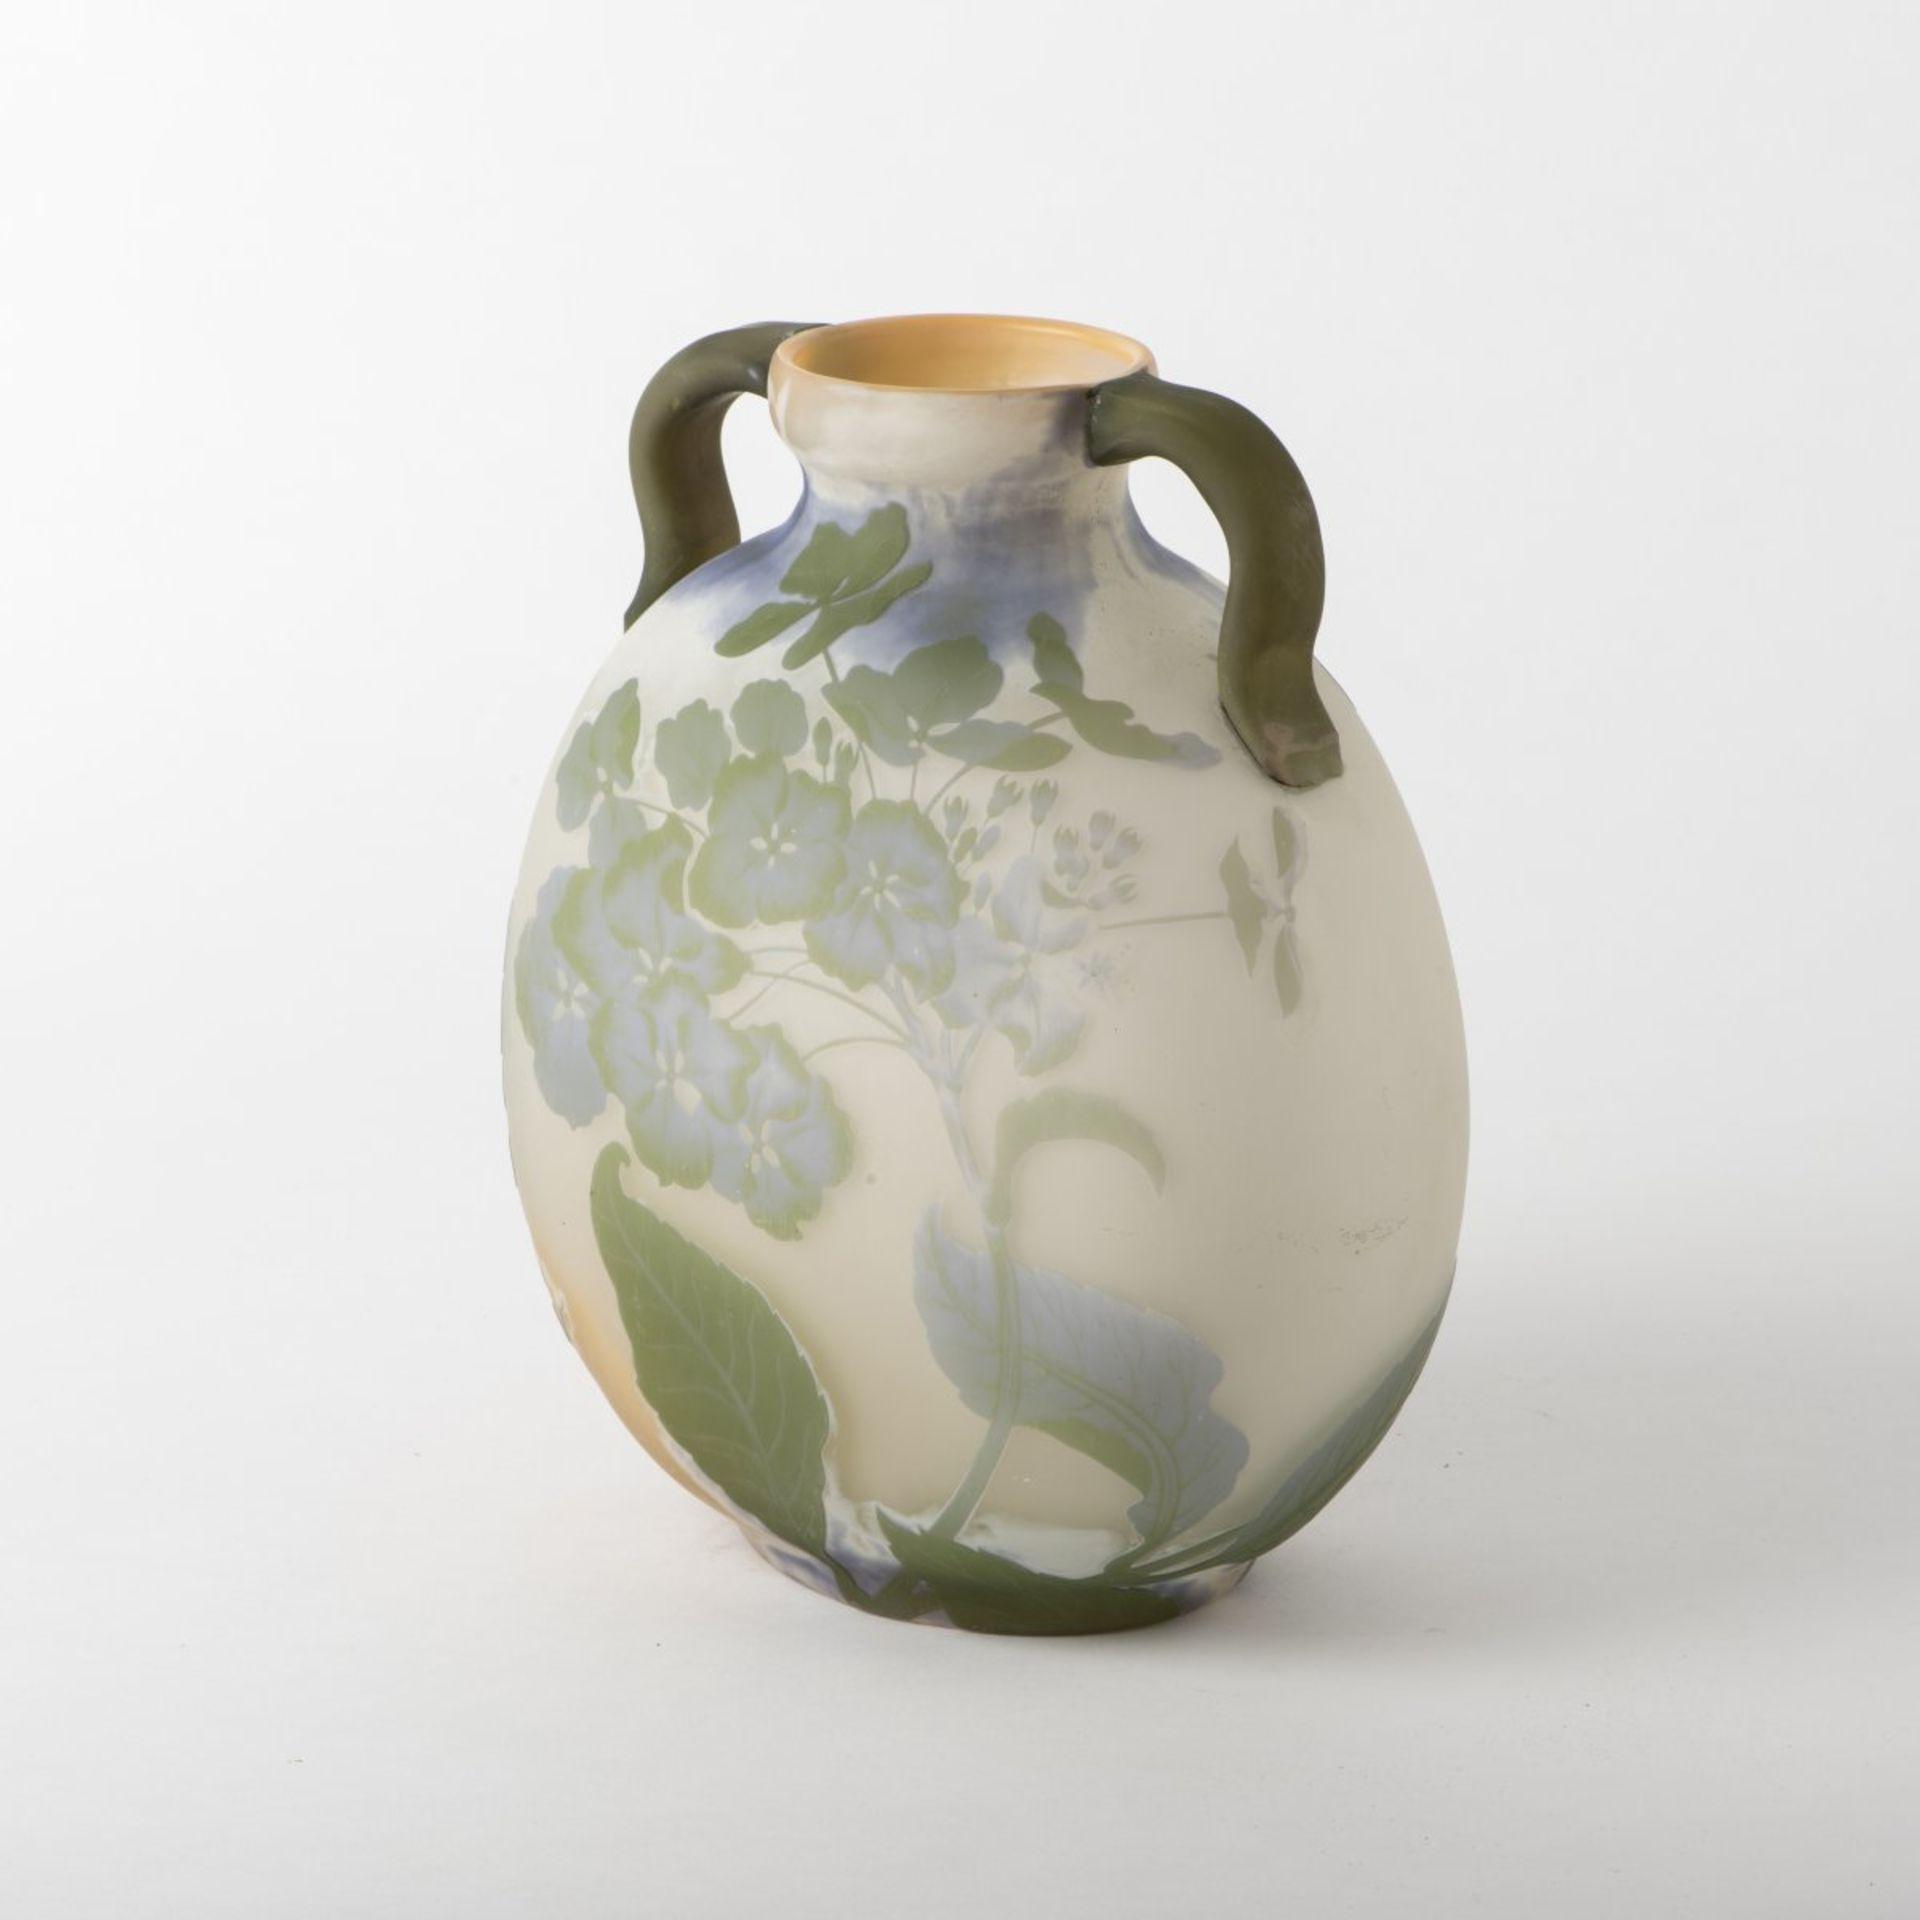 Emile Gallé, Nancy, 'Hortensias' vase, 1903/04 - Bild 5 aus 7